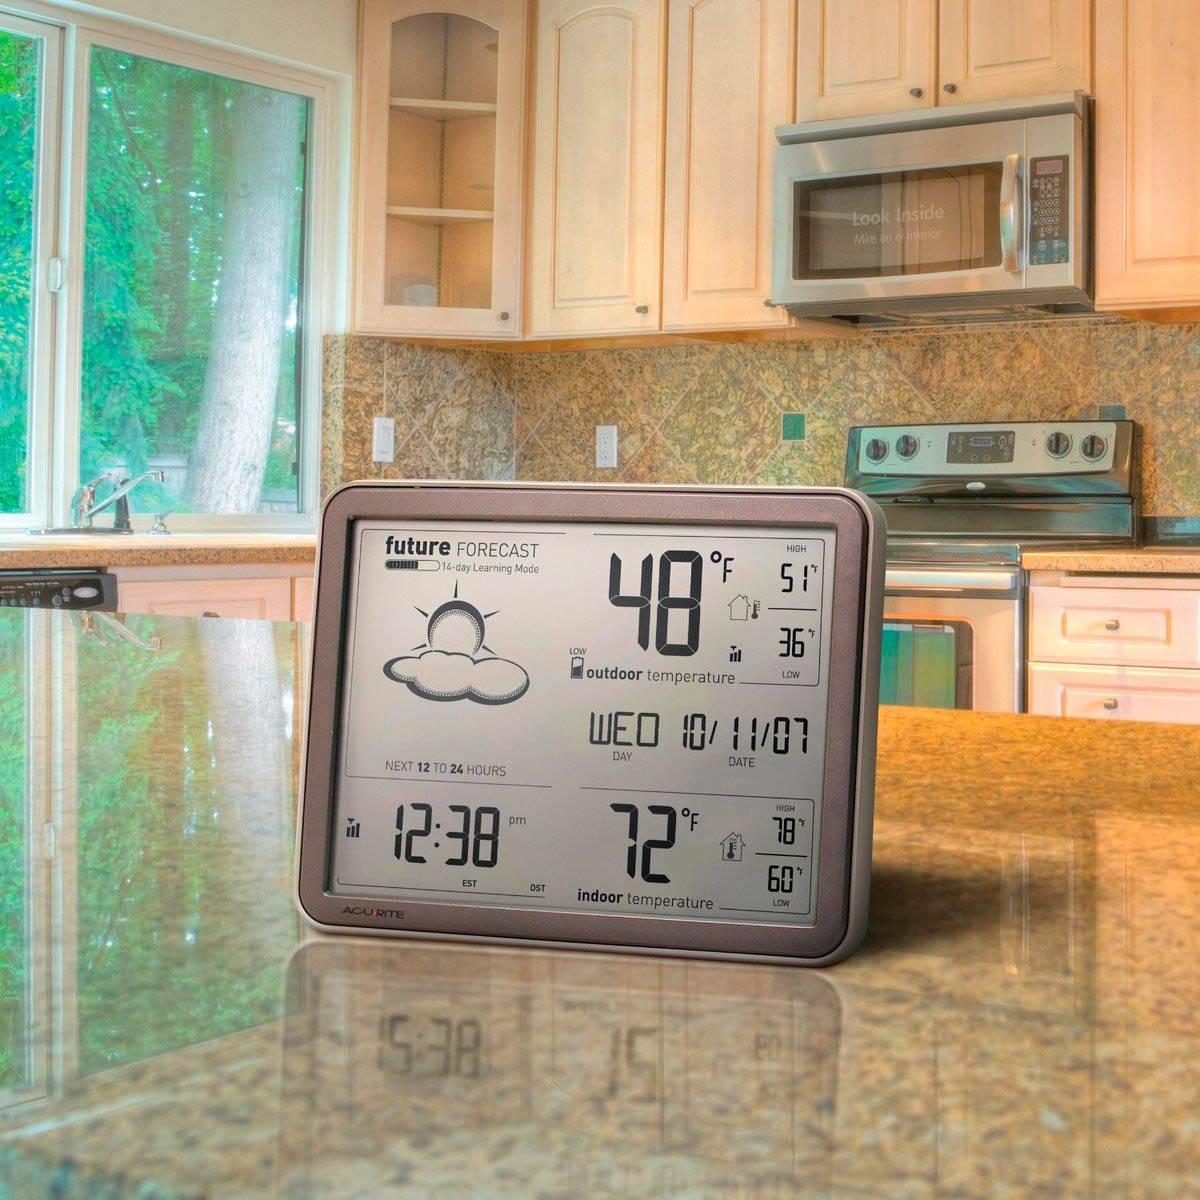 Как выбрать прибор для измерения влажности в квартире: на что обратить внимание при выборе прибора, рейтинг и обзор популярных гигрометров, их плюсы и минусы